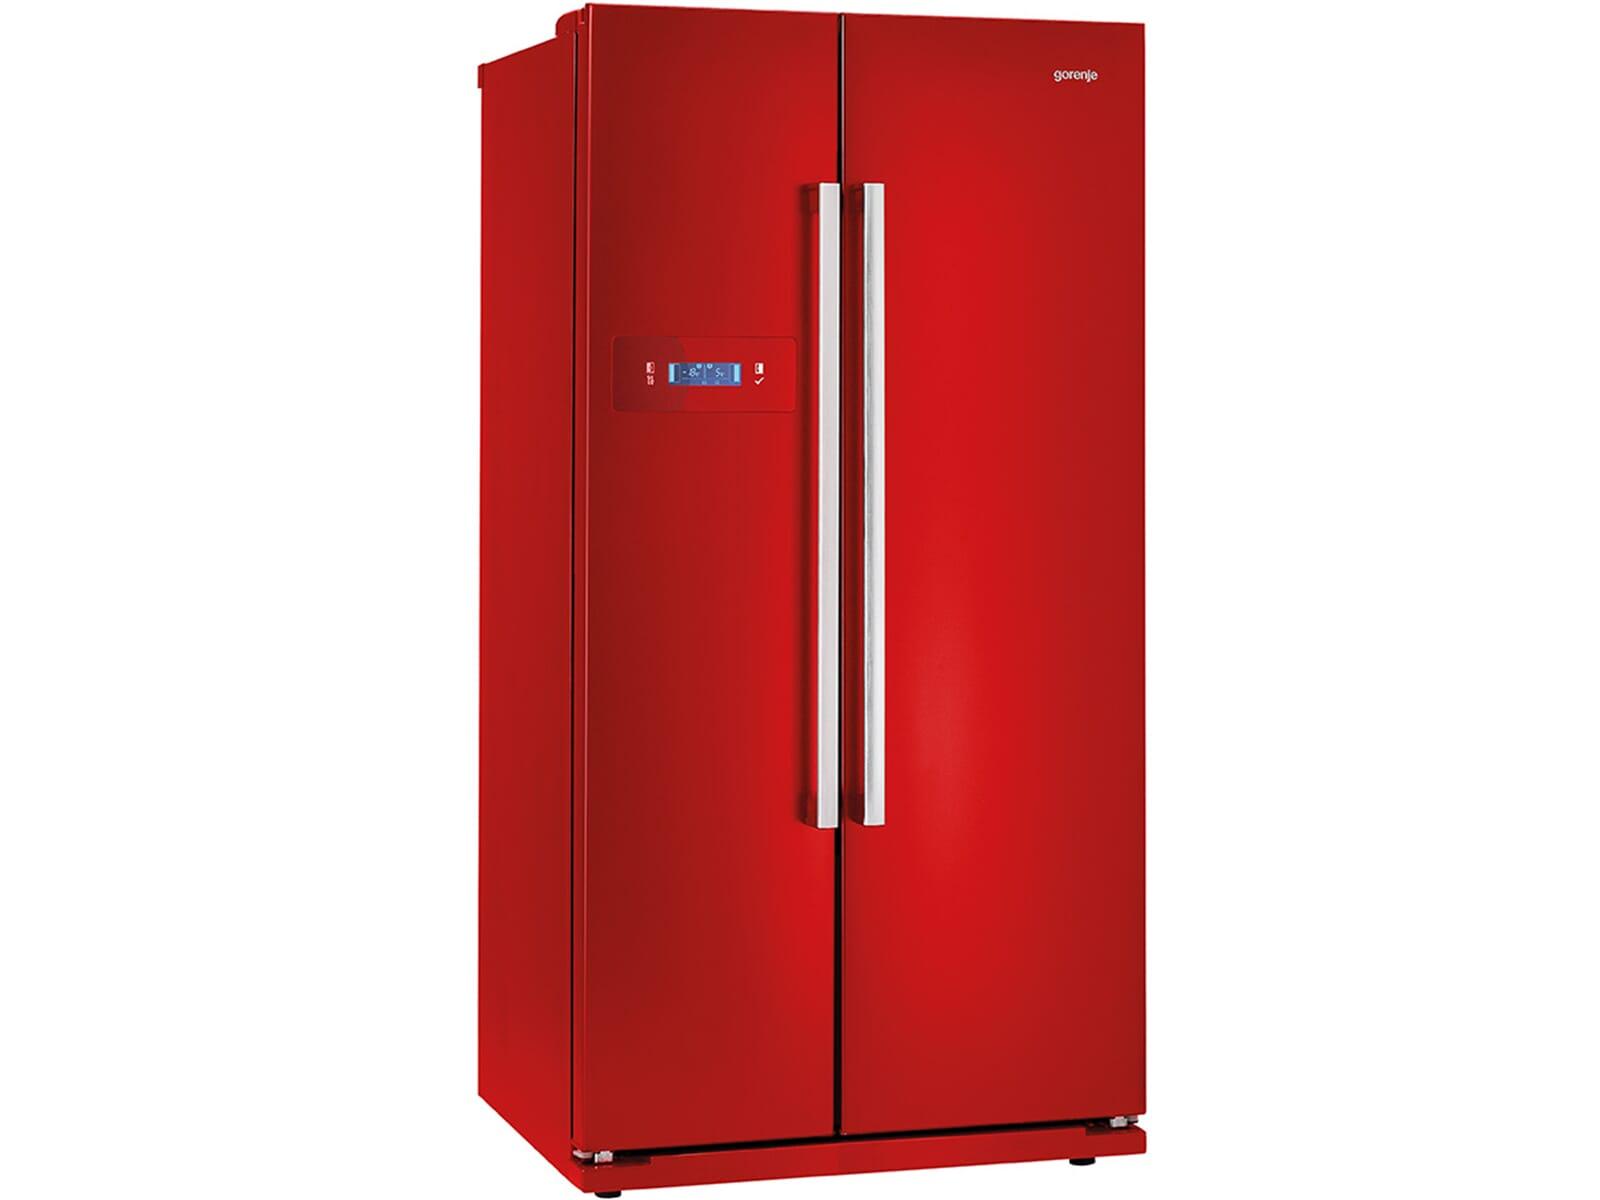 Gorenje Gefrier Und Kühlschrank : Gorenje kühlschrank gefrierkombination gorenje kühl